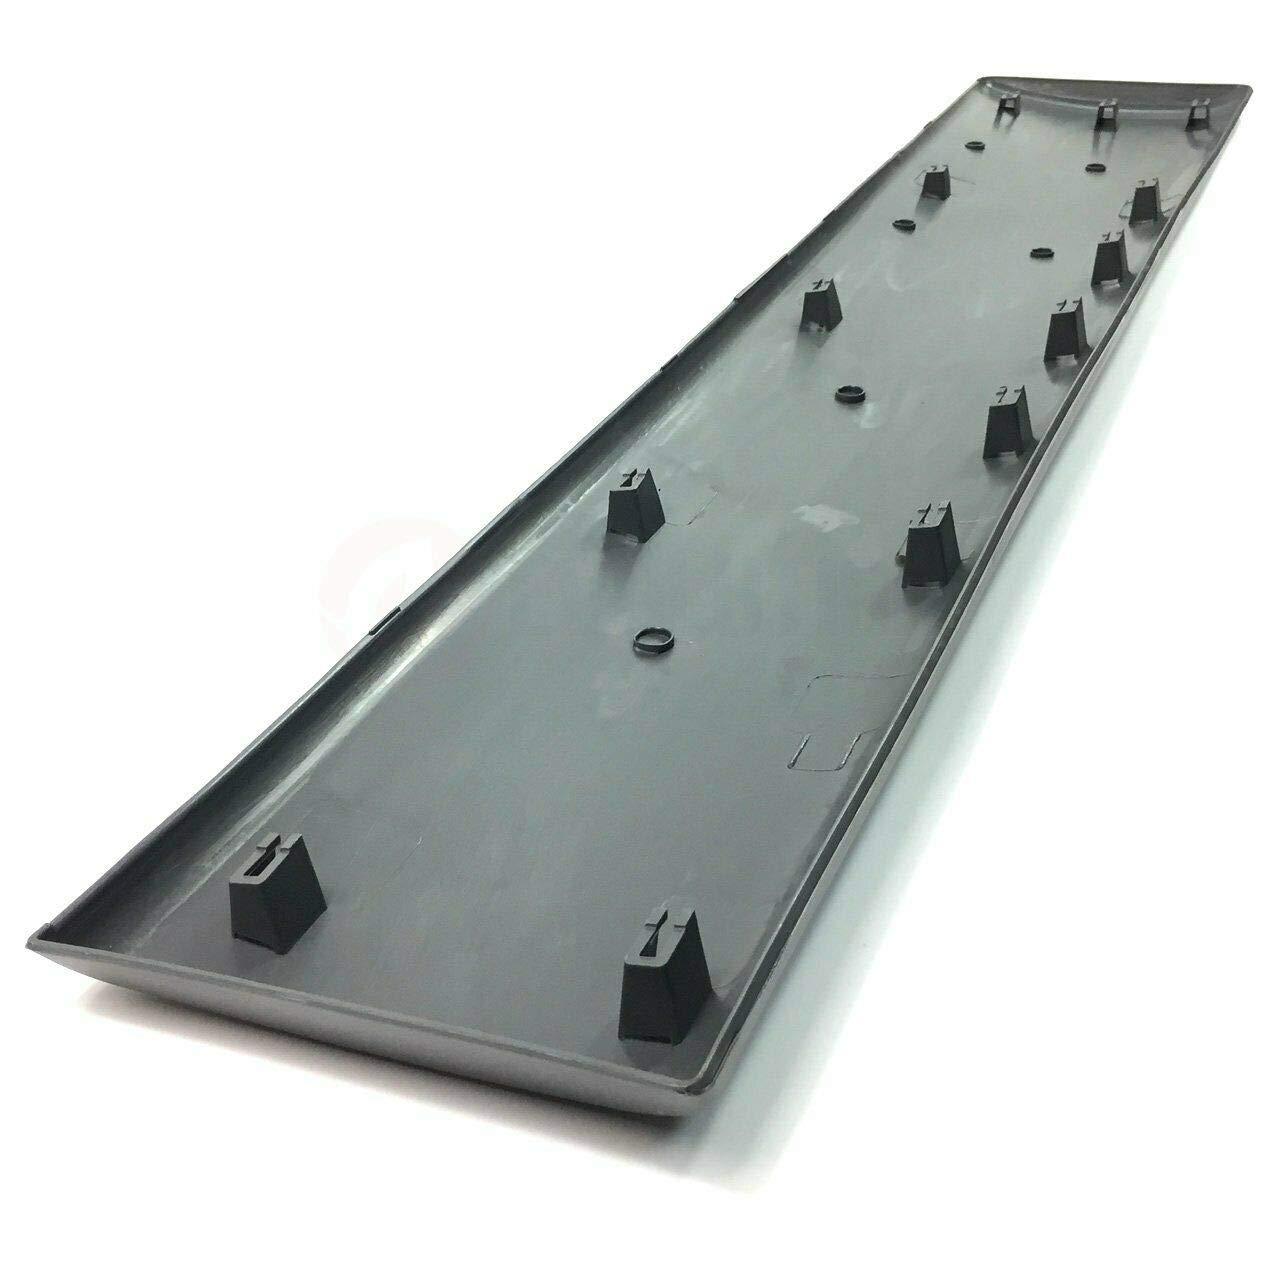 91165348 Panel de moldura de borde largo para lado izquierdo 8200036093